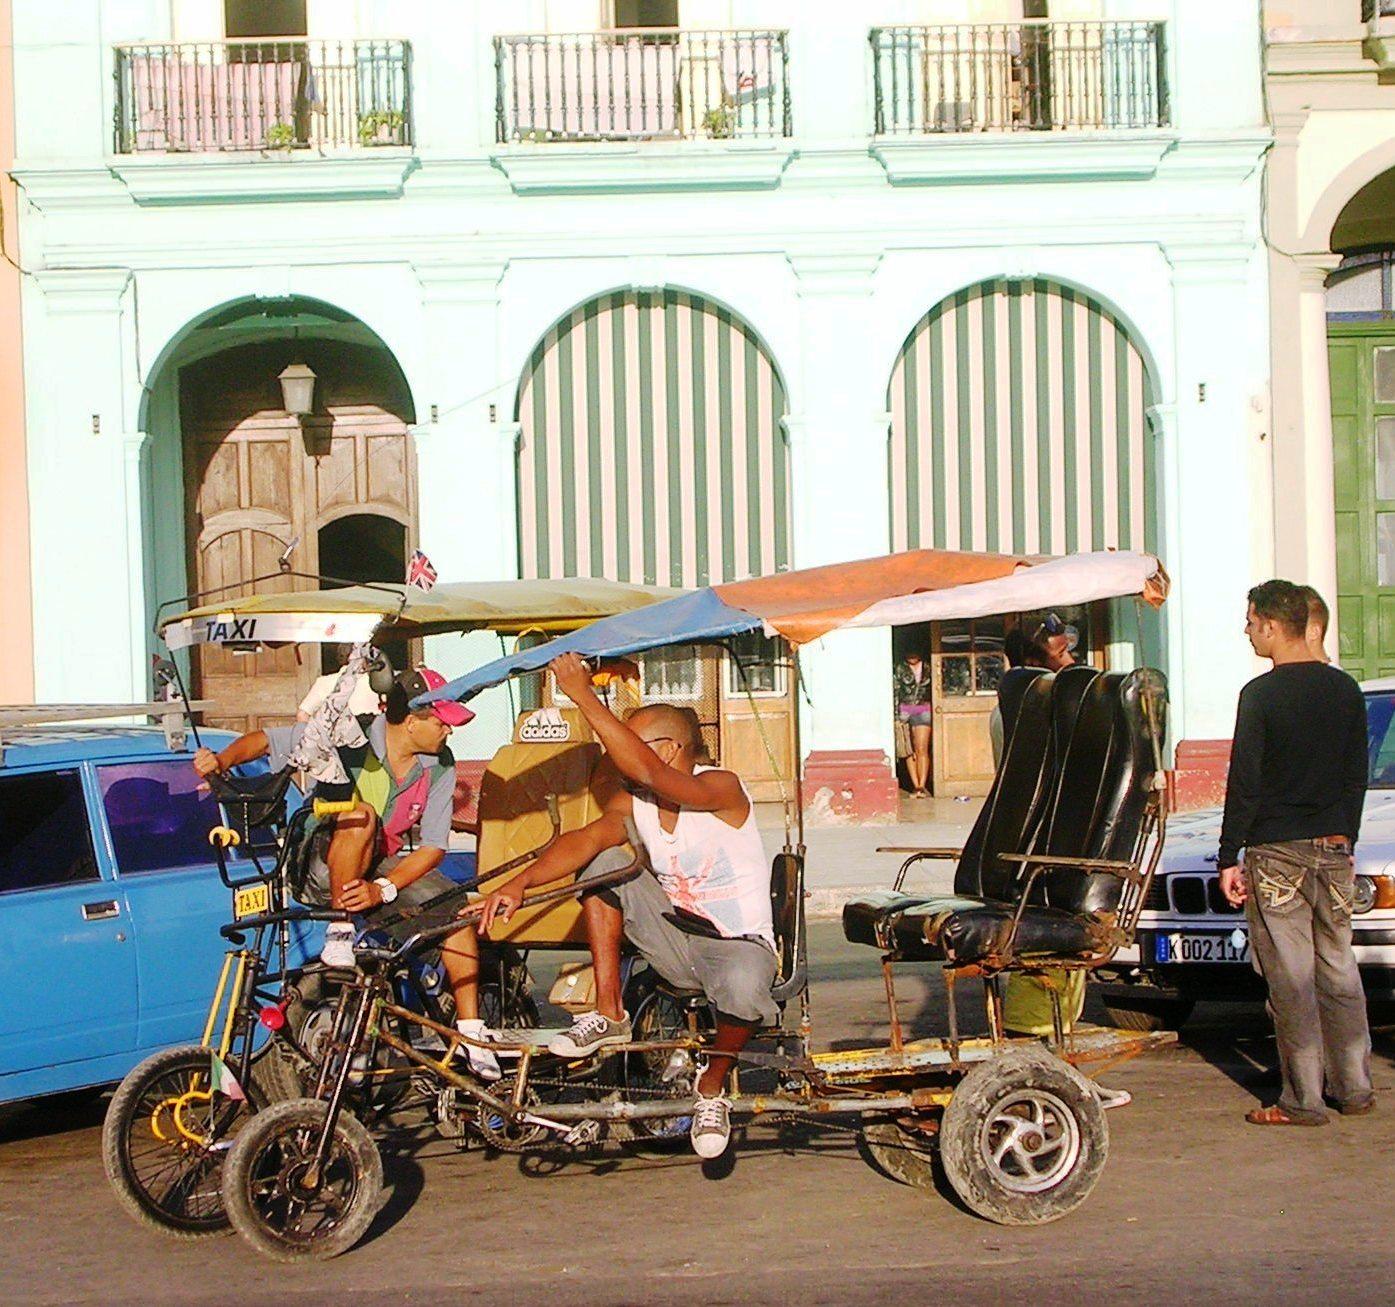 Cuba Mar 2014 040 - Copy